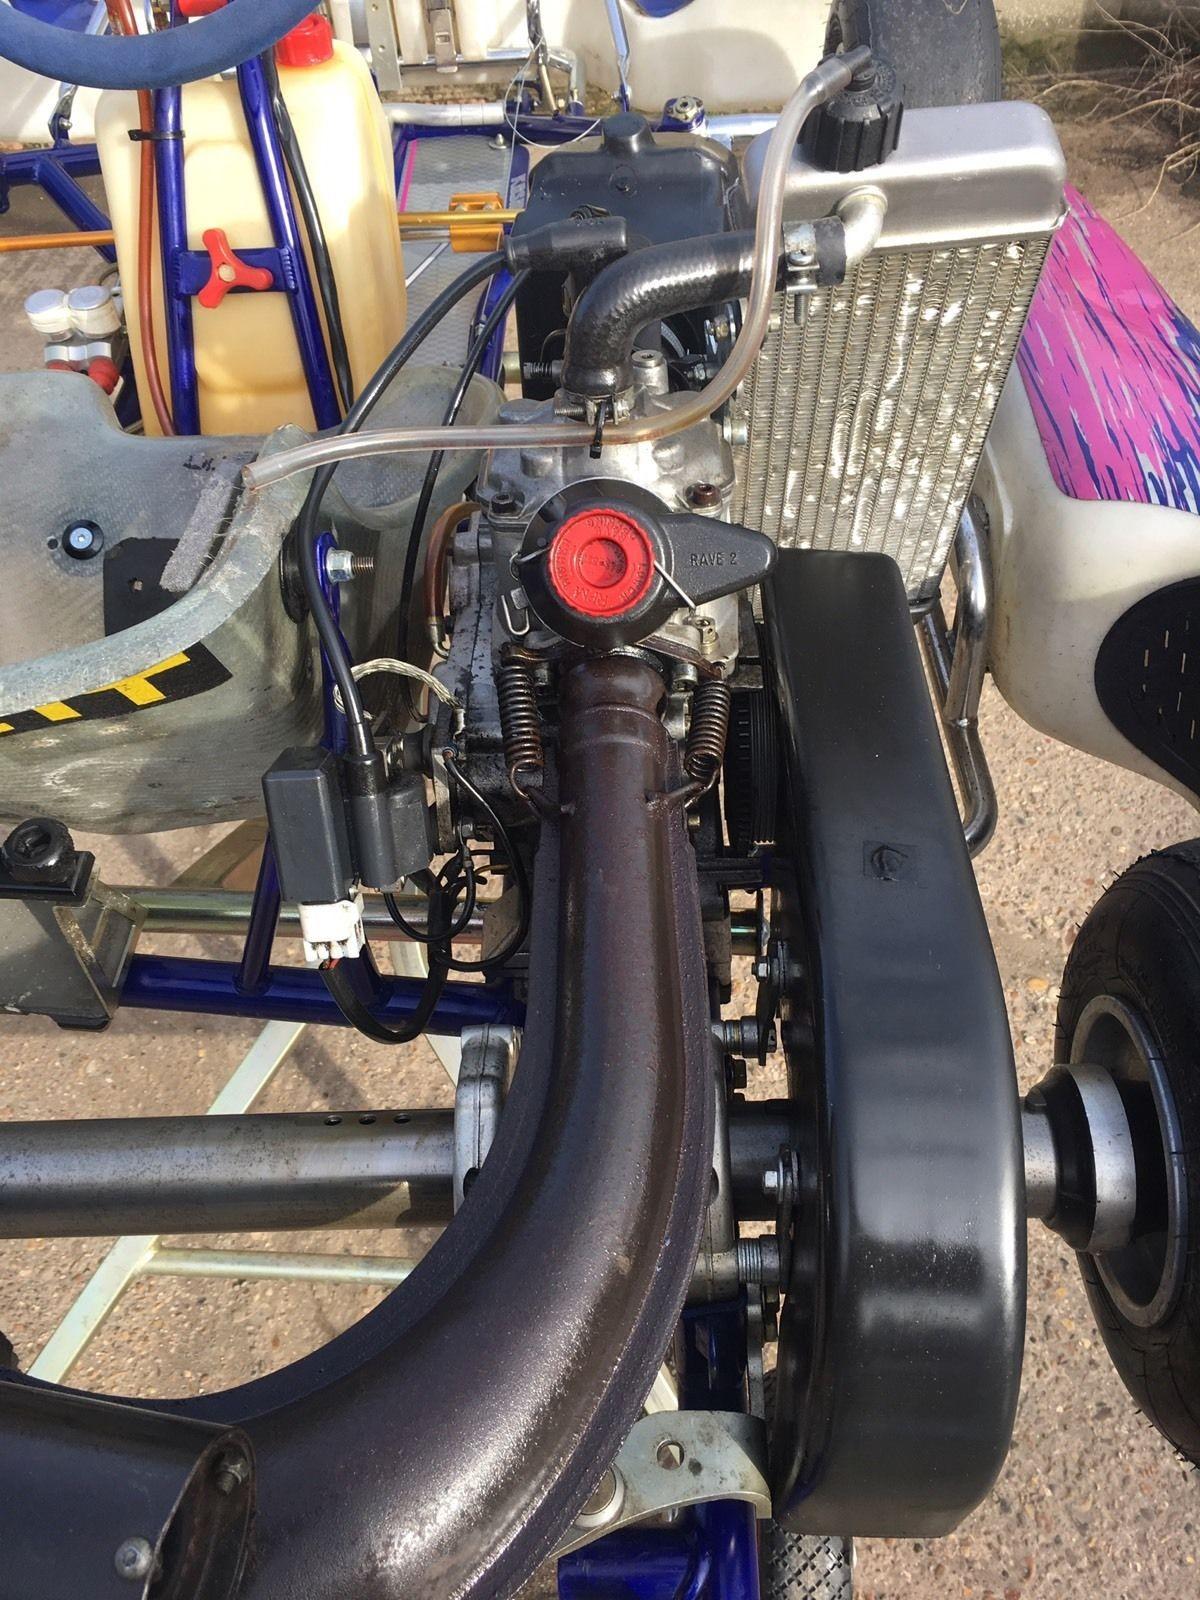 Secondhand Karting Co Uk Single Karts Otk Kosmic Rotax